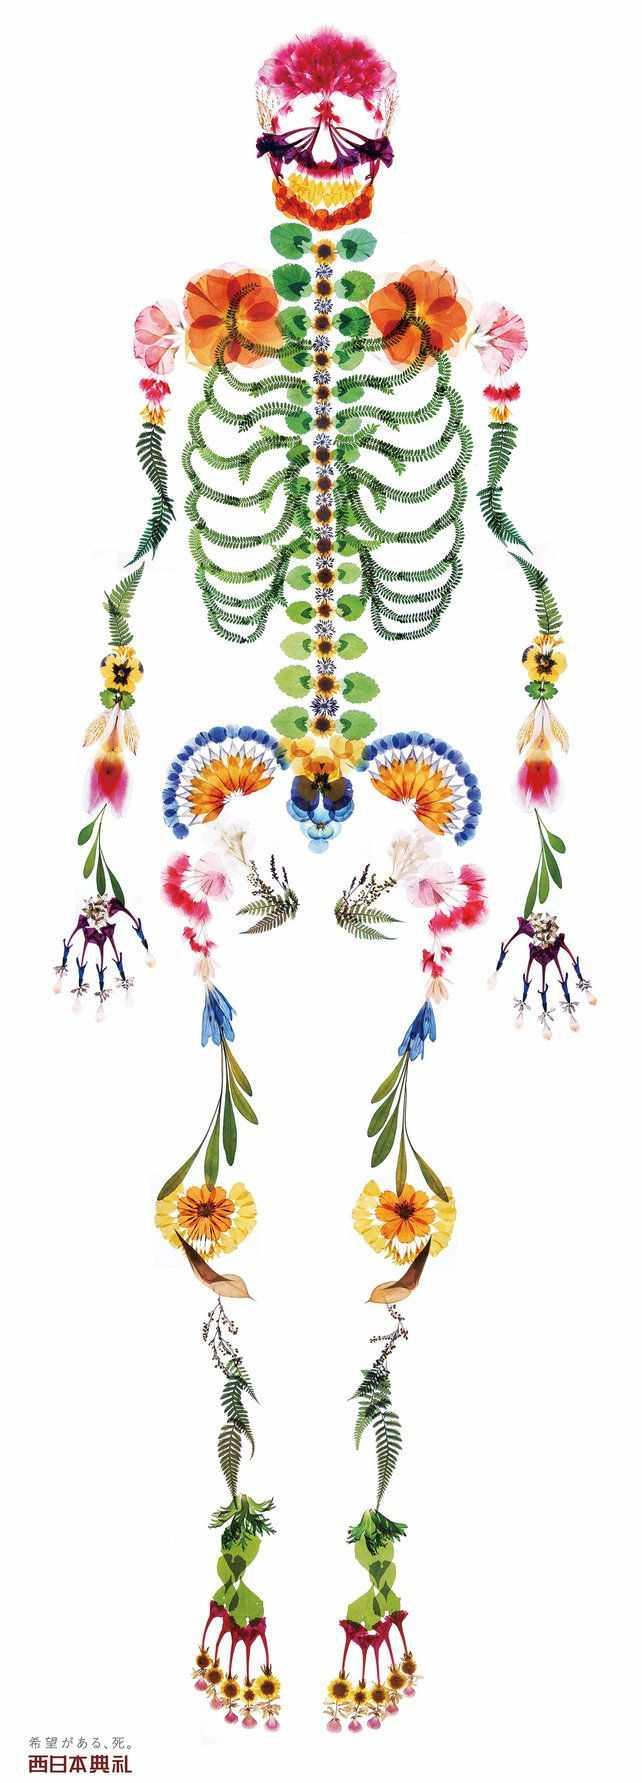 何の広告だと思いますか?「植物と花で作られた骸骨のポスター」